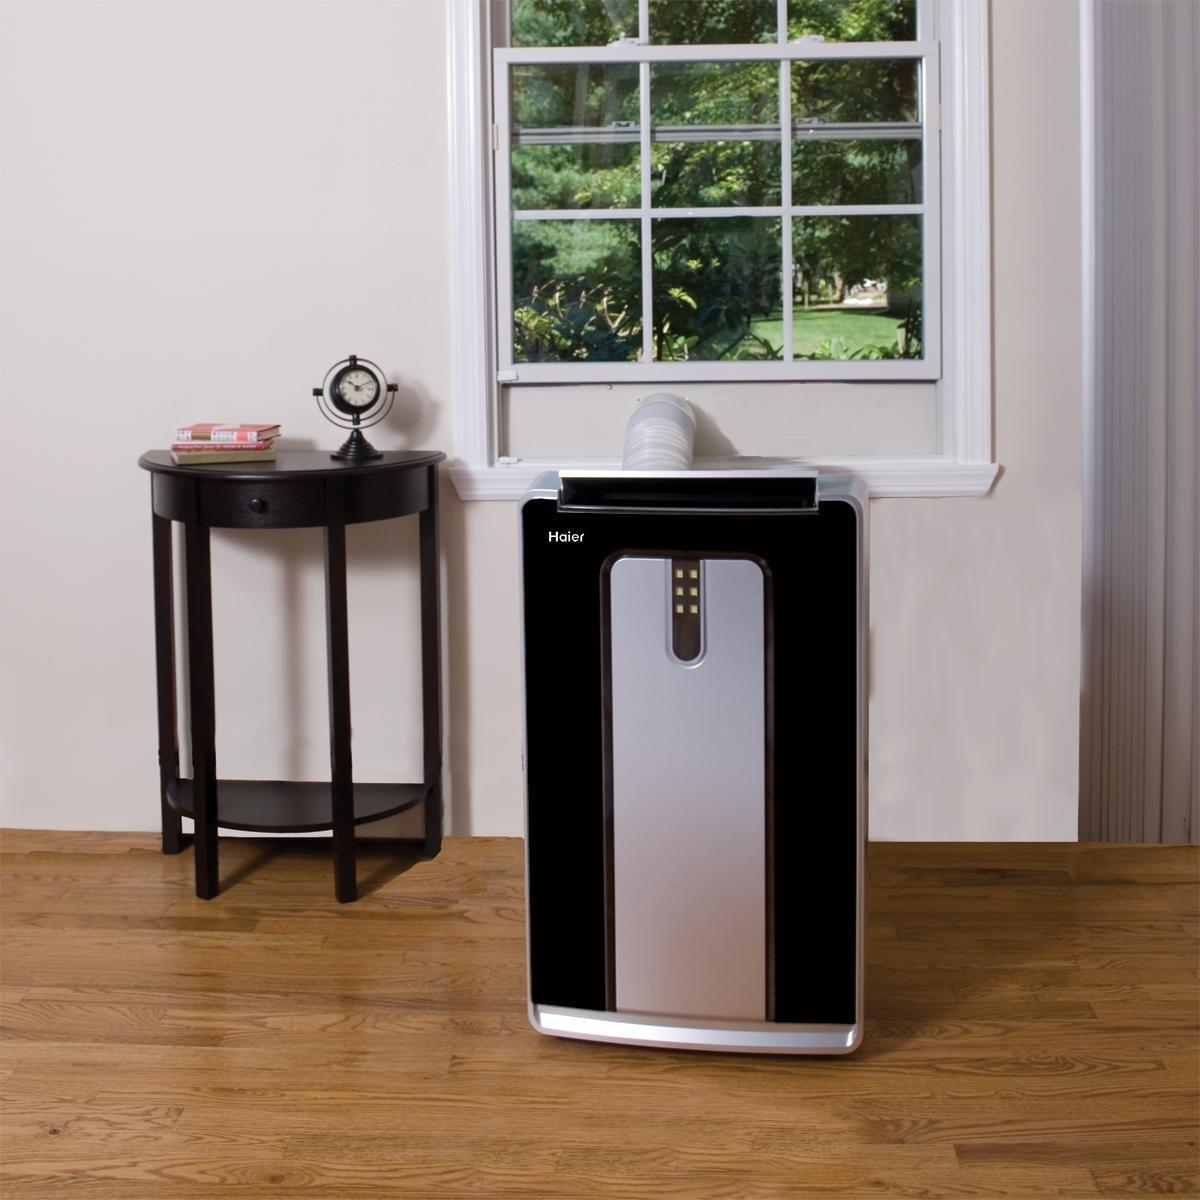 Haier Hpc12xcr 12 000 Btu Portable Air Conditioner